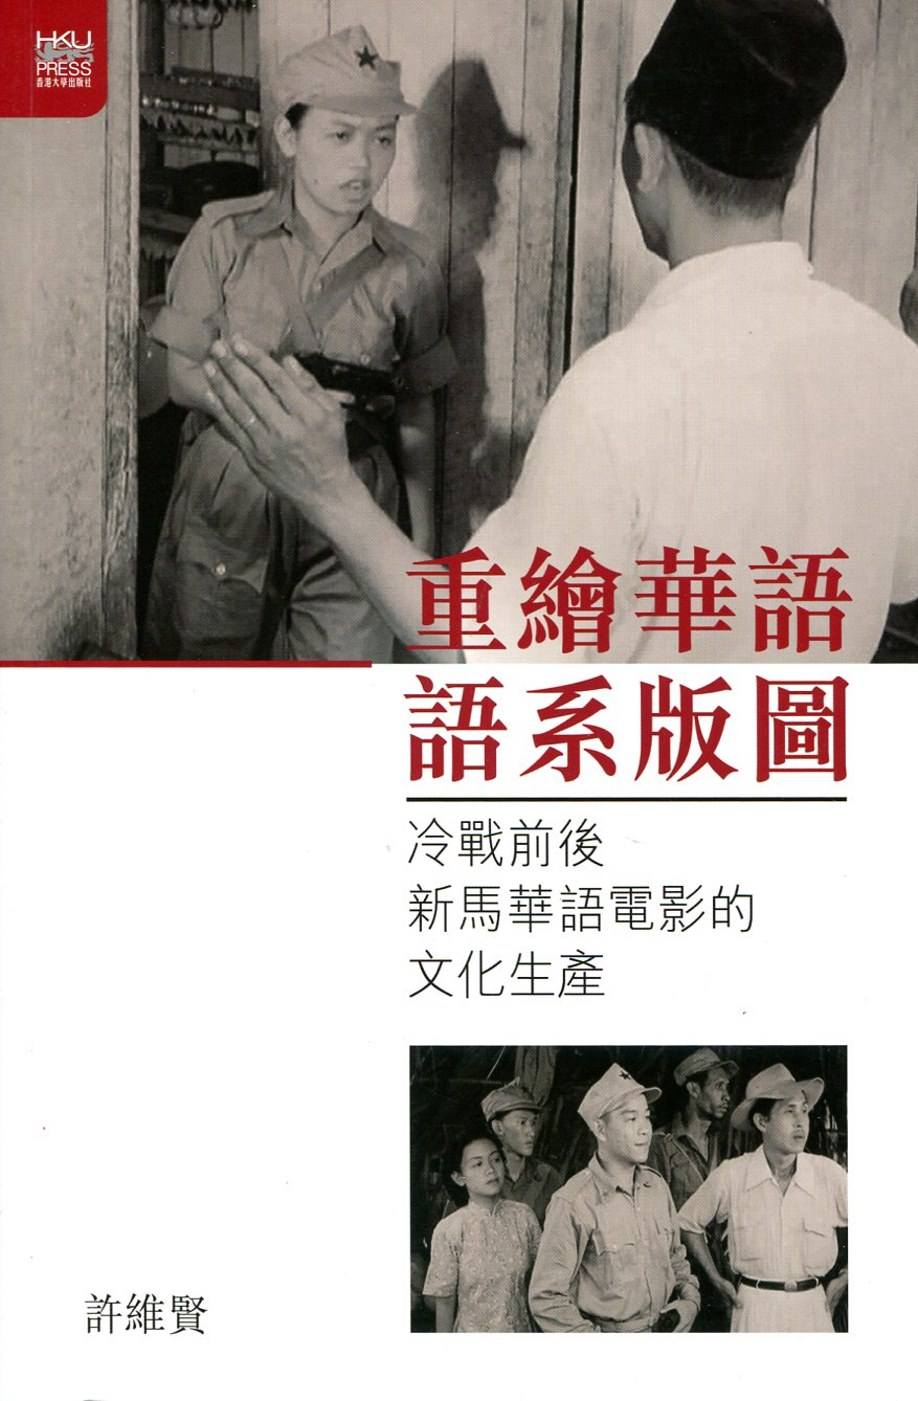 重繪華語語系版圖:冷戰前後新馬華語電影的文化生產